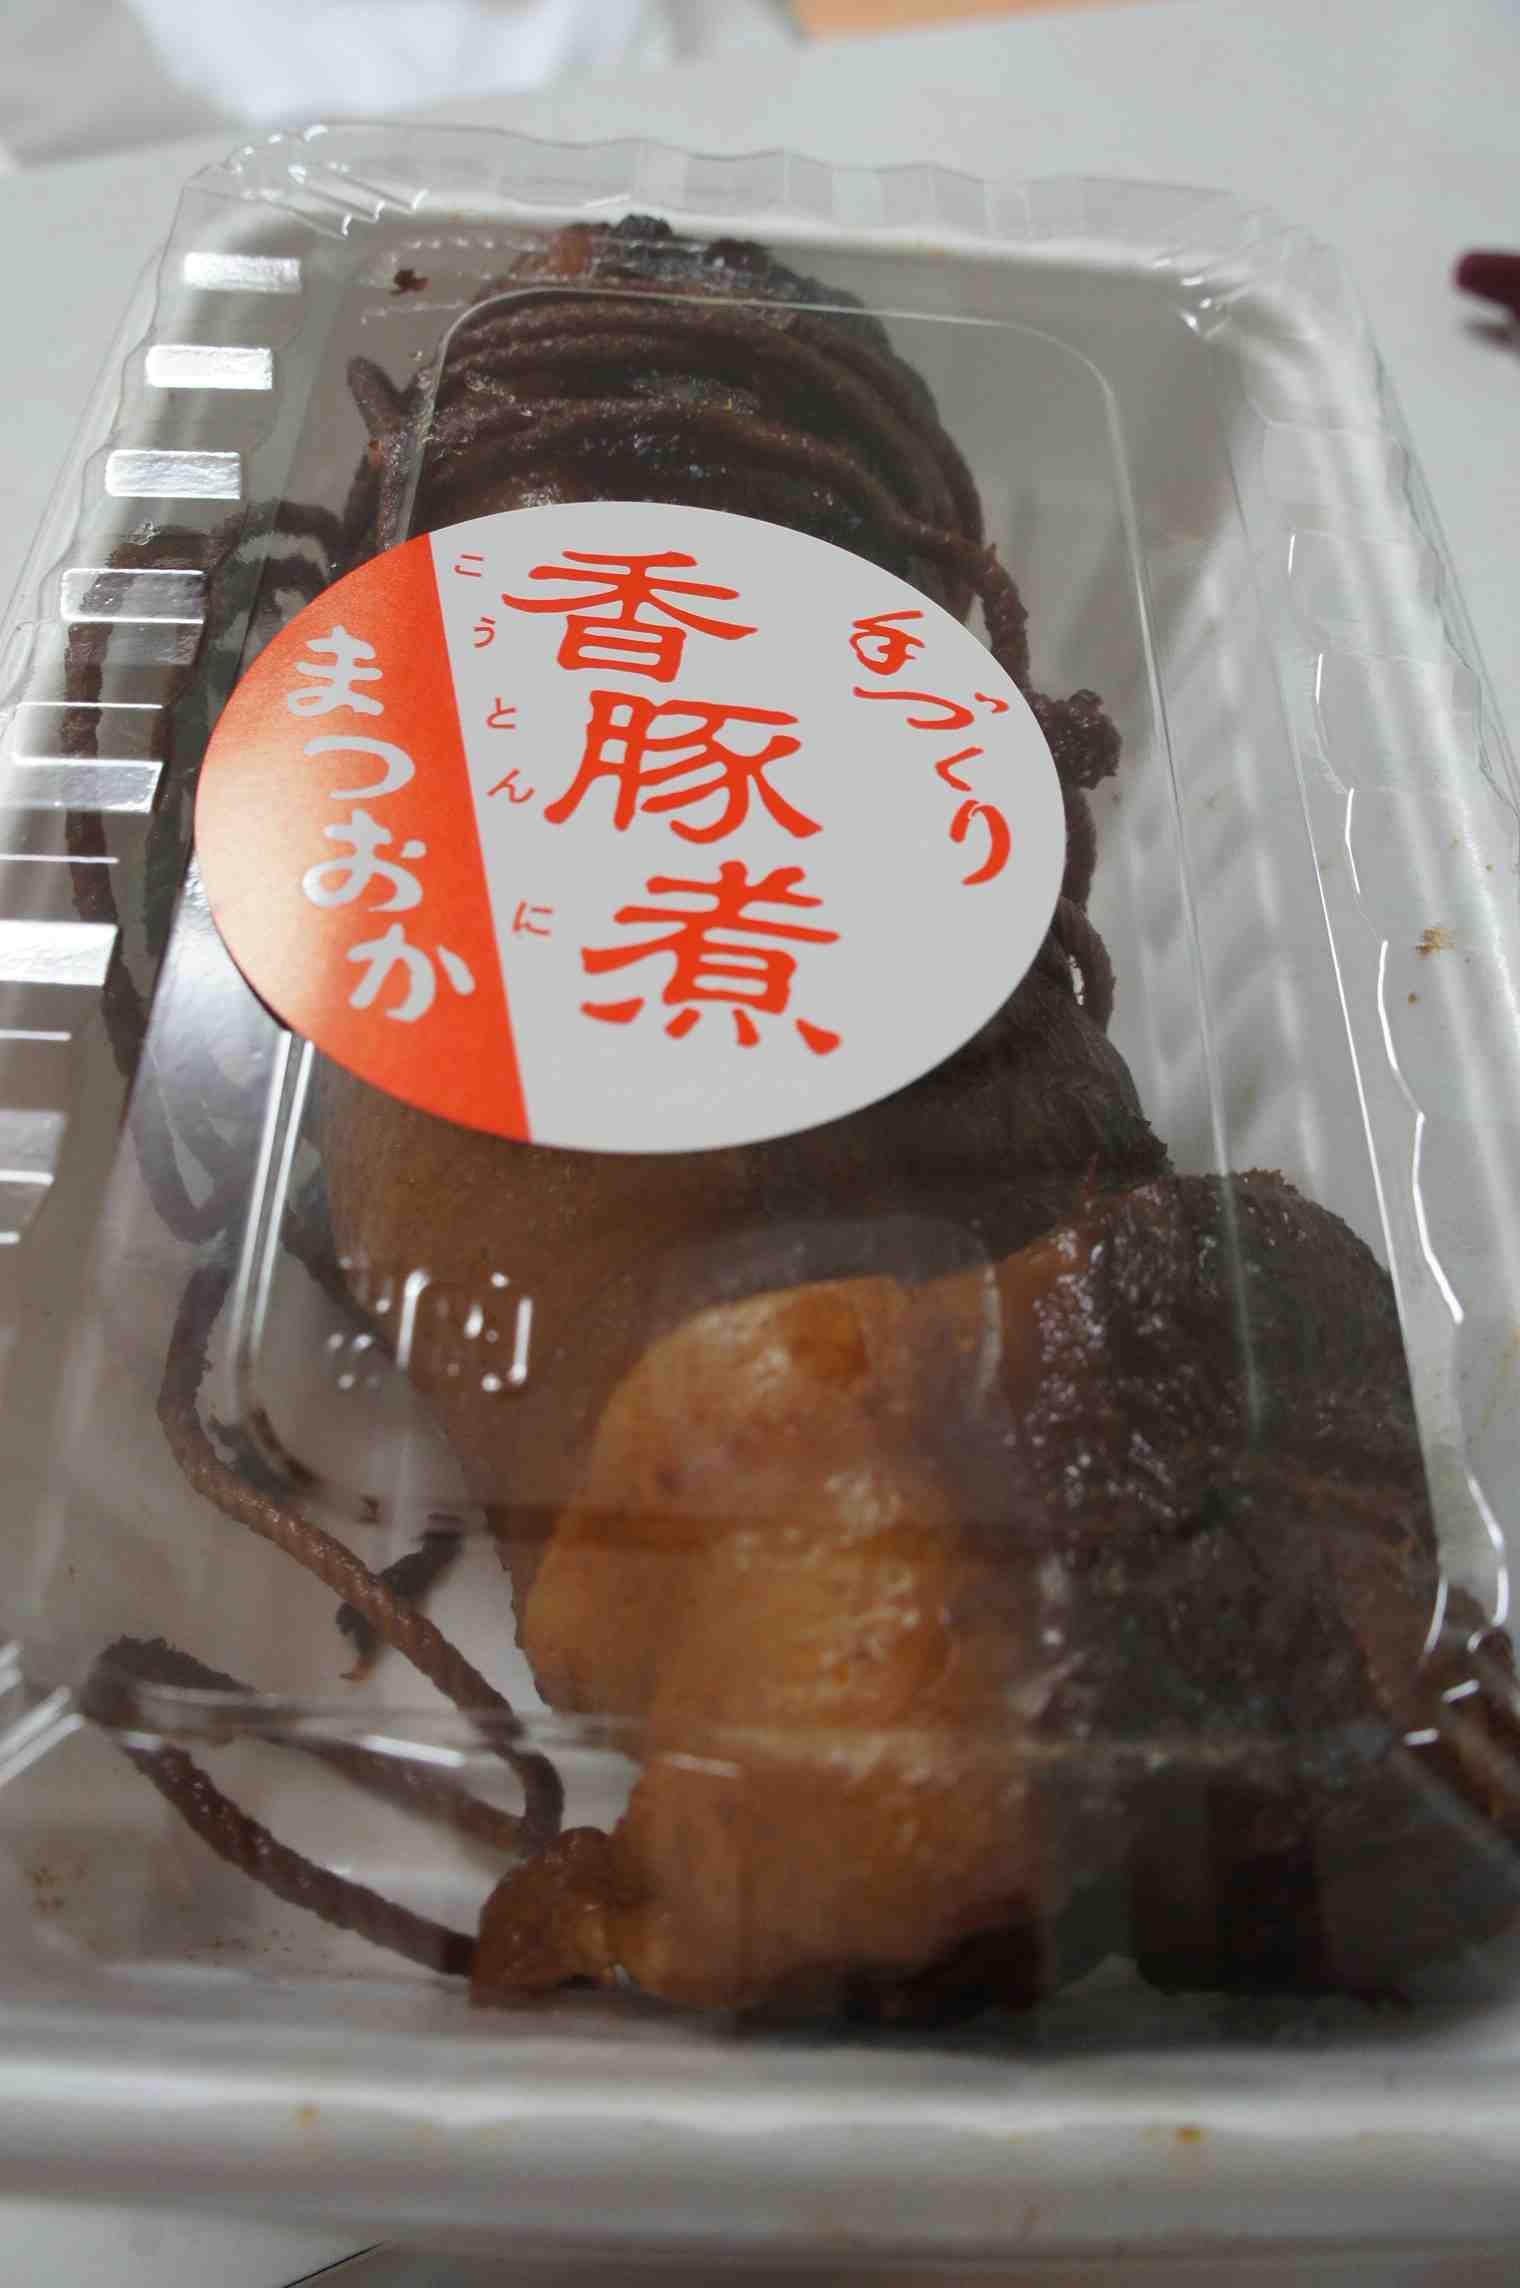 お惣菜のまつおか 大丸札幌店